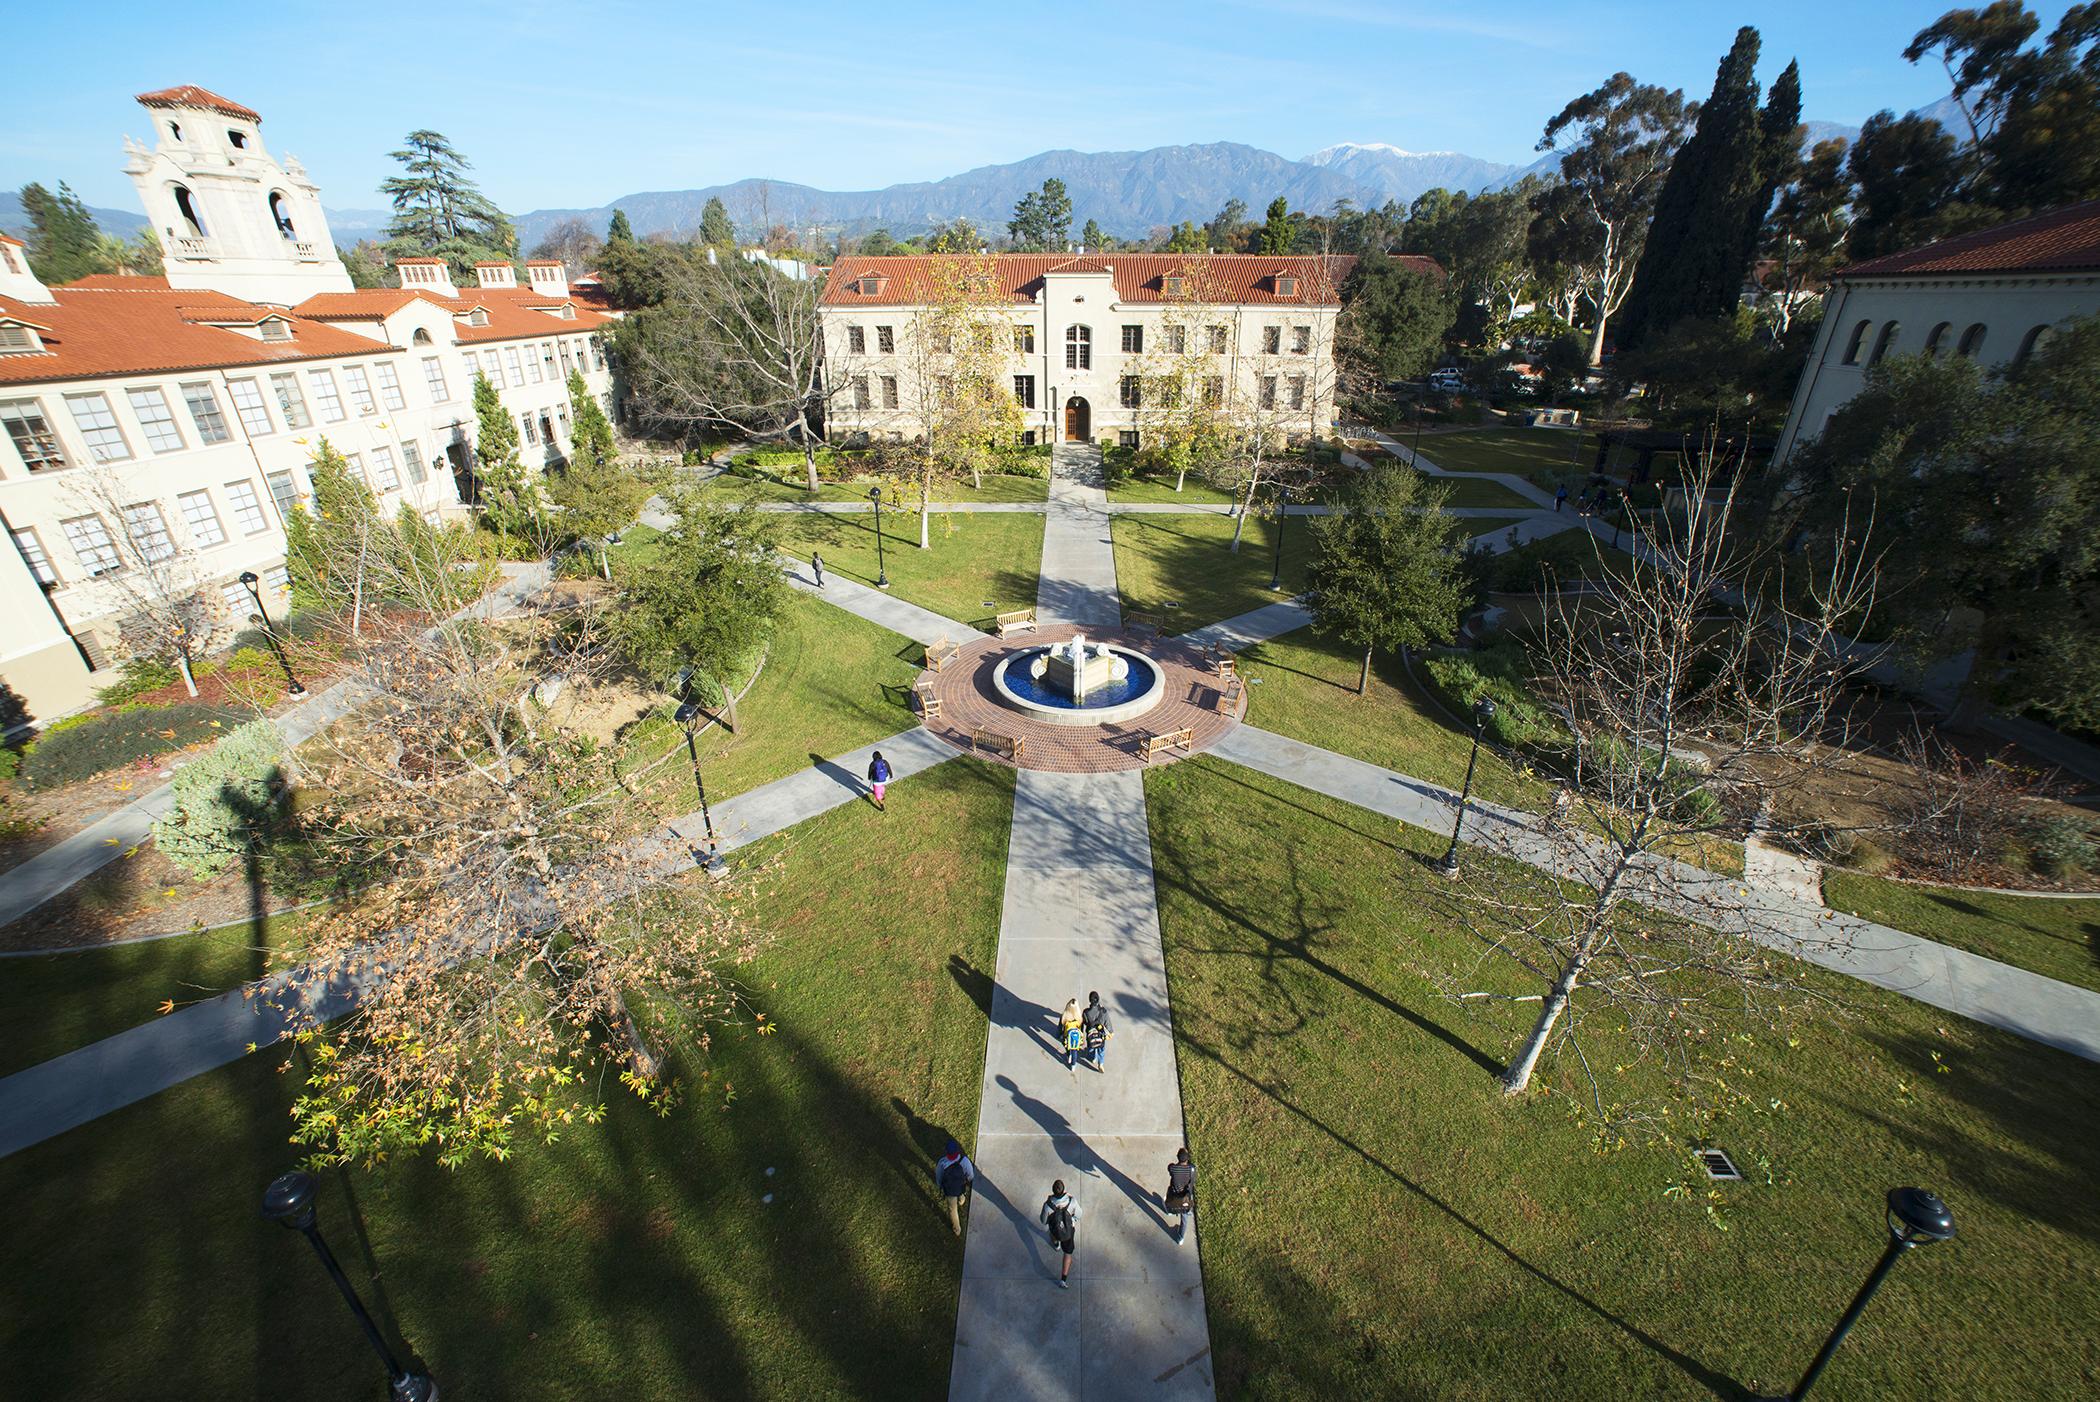 Quad at Pomona College.